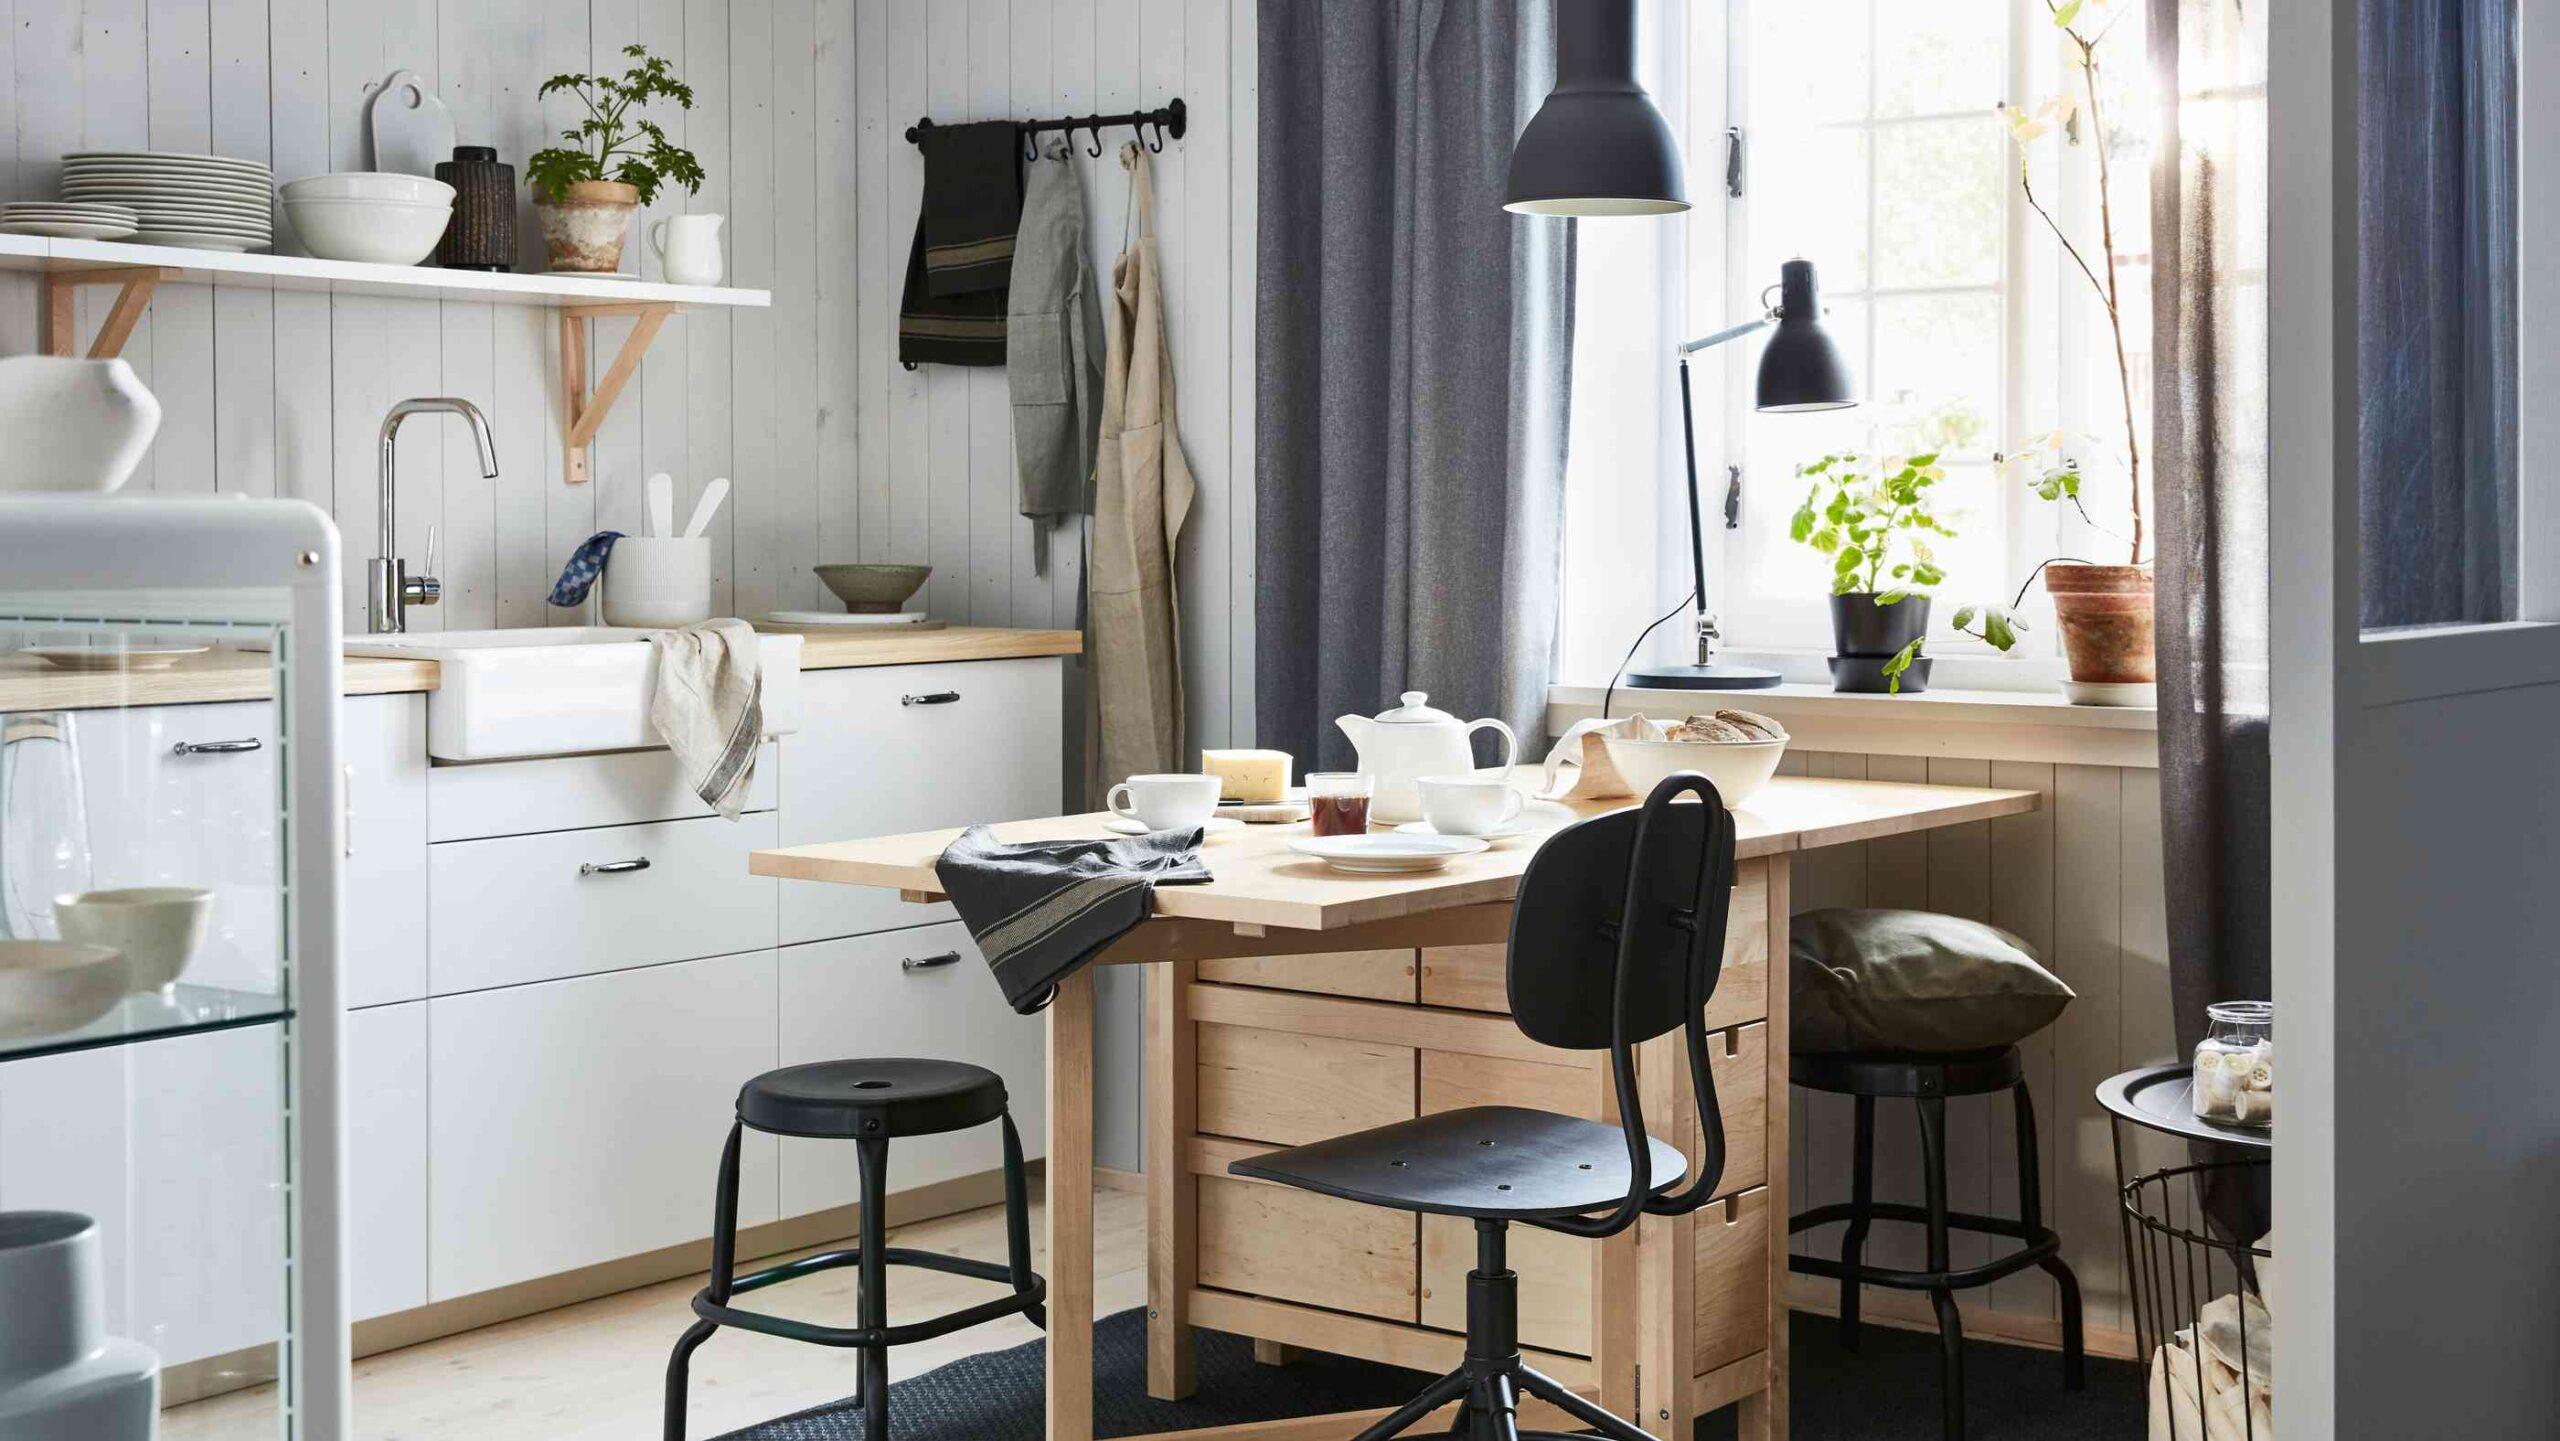 Full Size of Küche L Form Ikea Minikche So Richtet Ihr Eine Kleine Kche Schlau Ein Fettabscheider Alno Mülltonne Kurzzeitmesser Was Kostet Deckenleuchte Deckenlampe Wohnzimmer Küche L Form Ikea